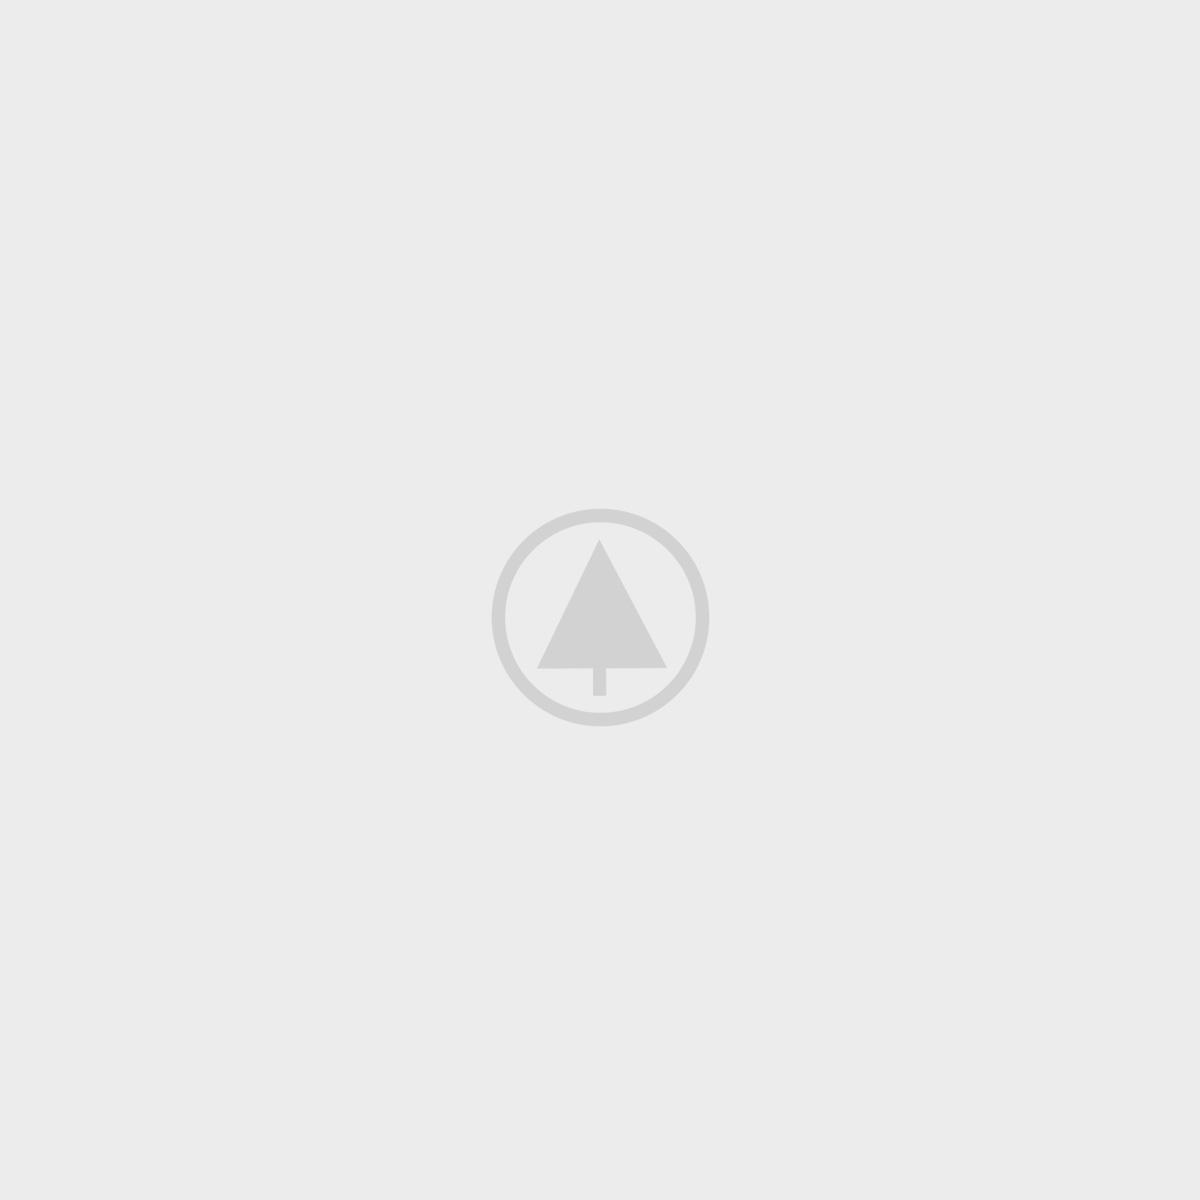 IELTS Online Coching Training - Netus eu mollis hac dignis - 2